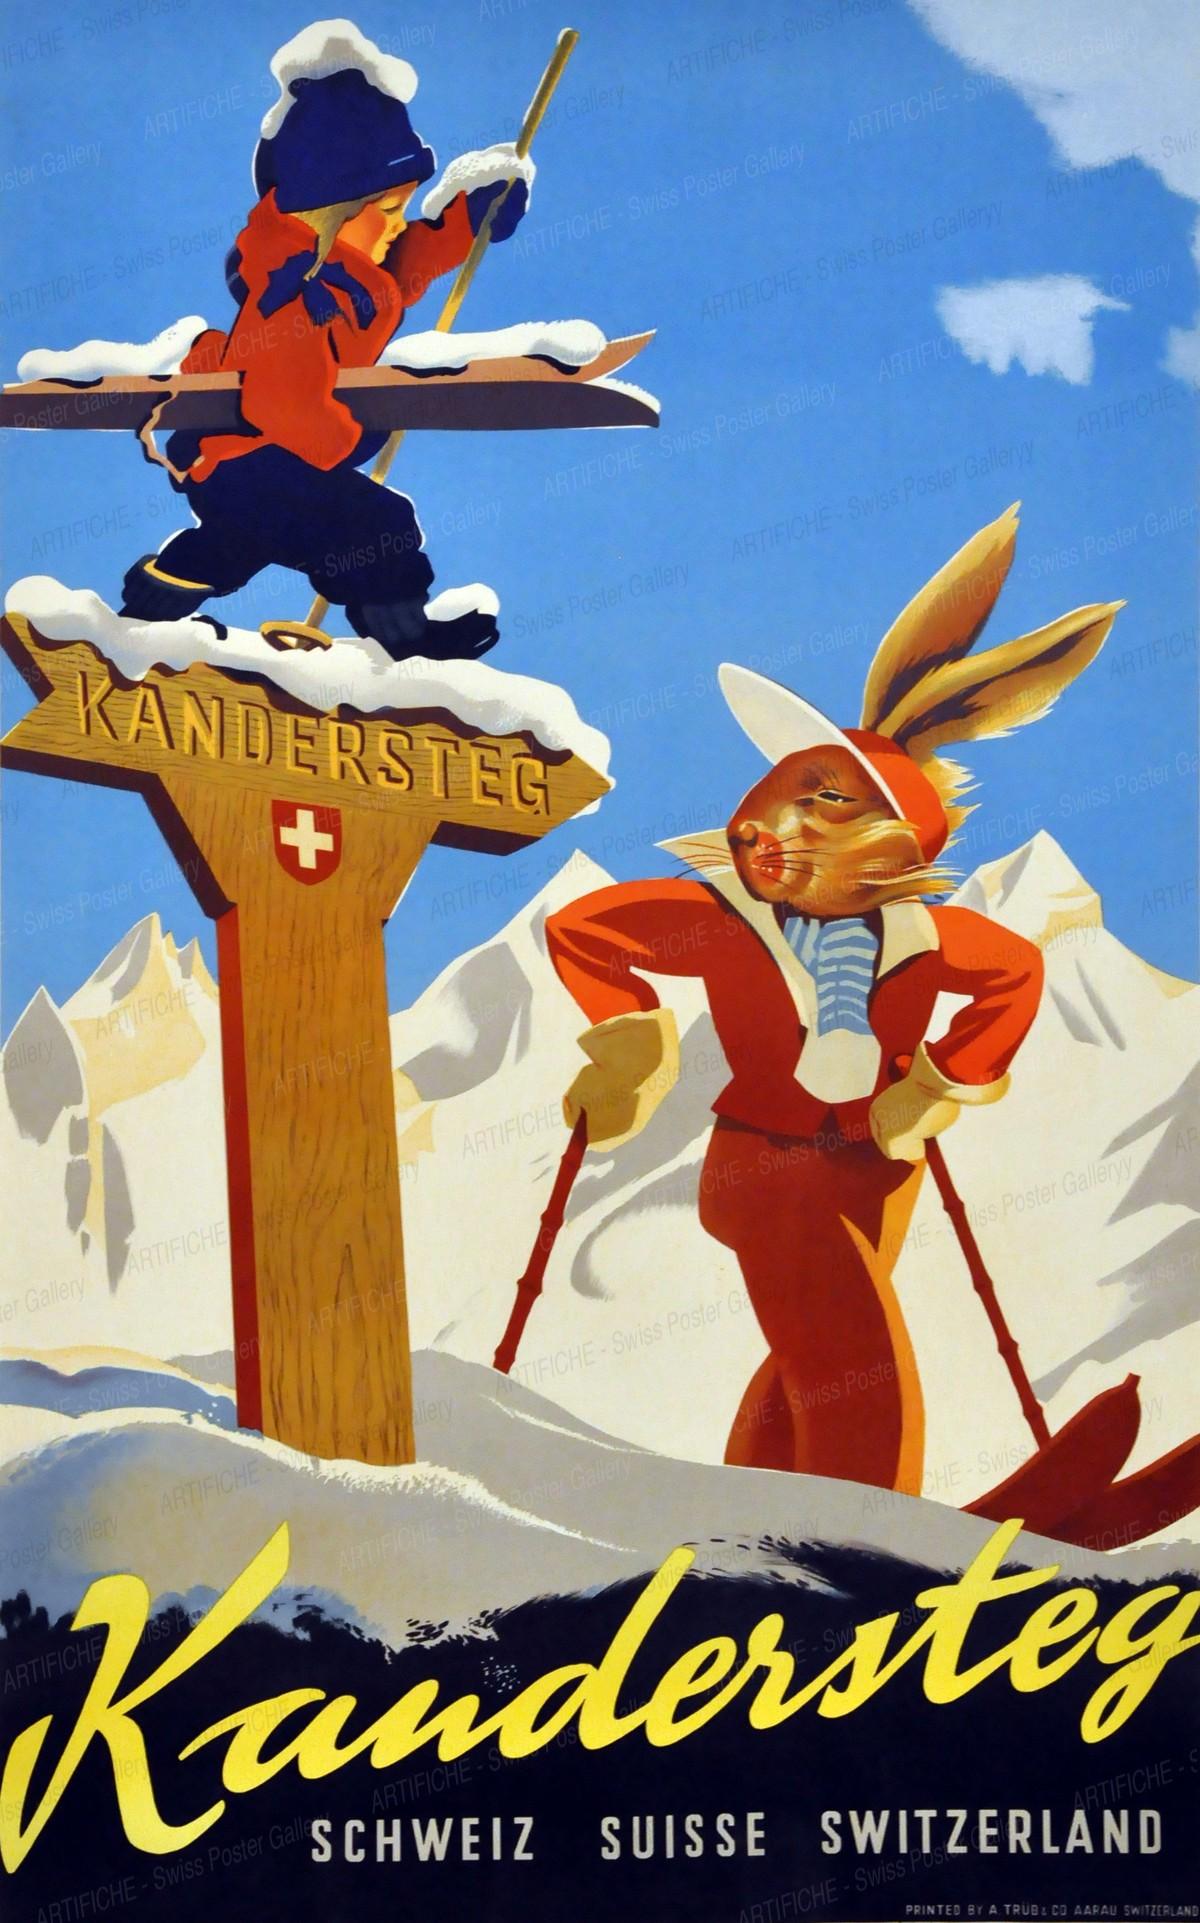 Kandersteg – Schweiz – Suisse – Switzerland, Willy Trapp